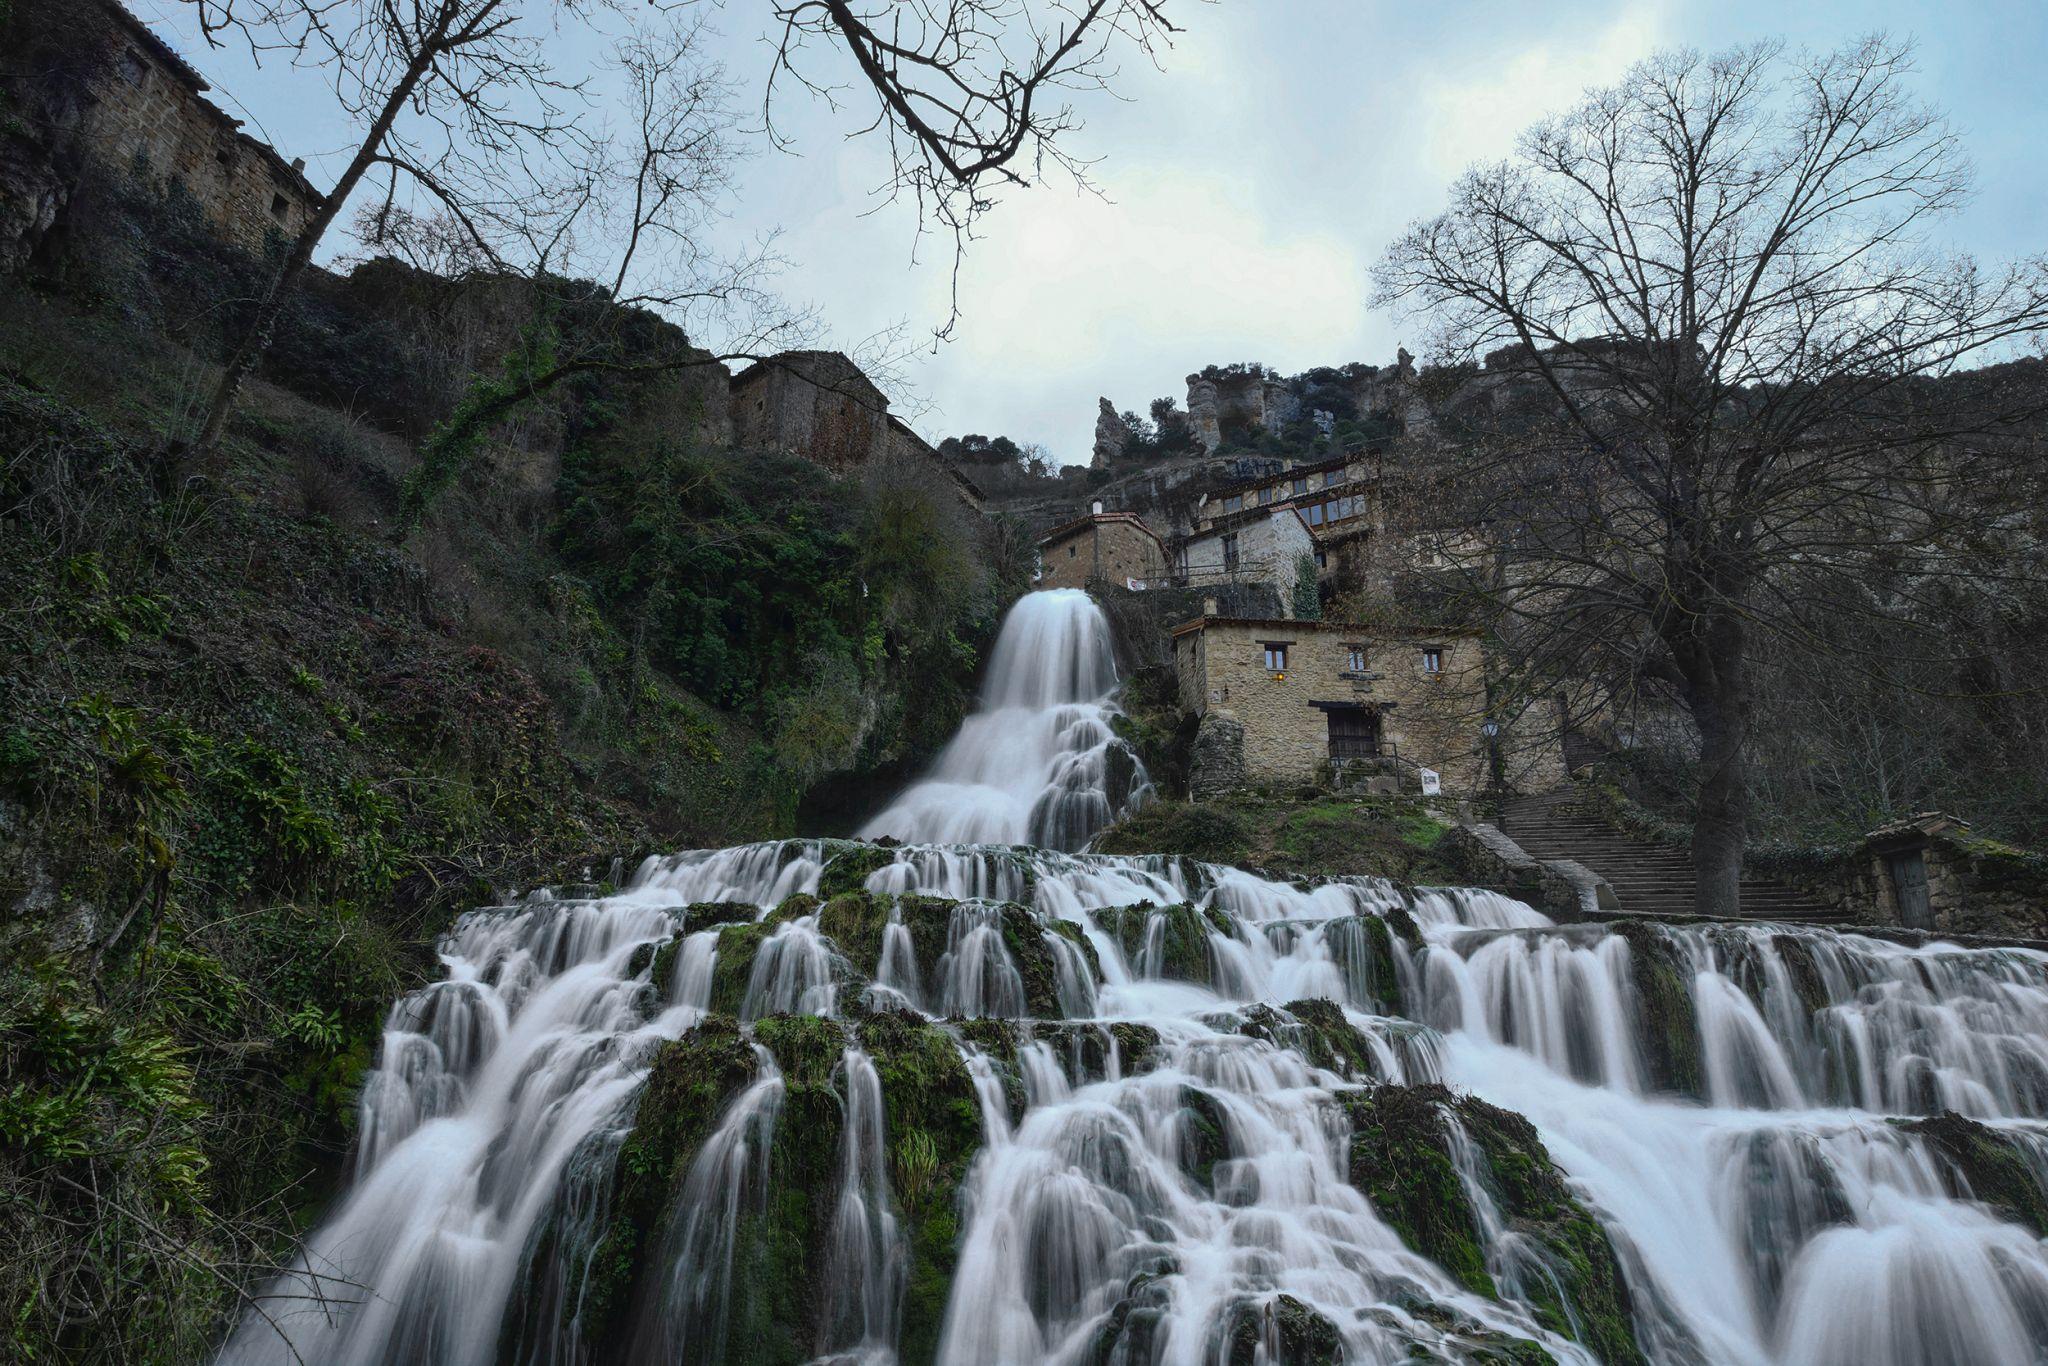 Orbaneja del Castillo, Spain